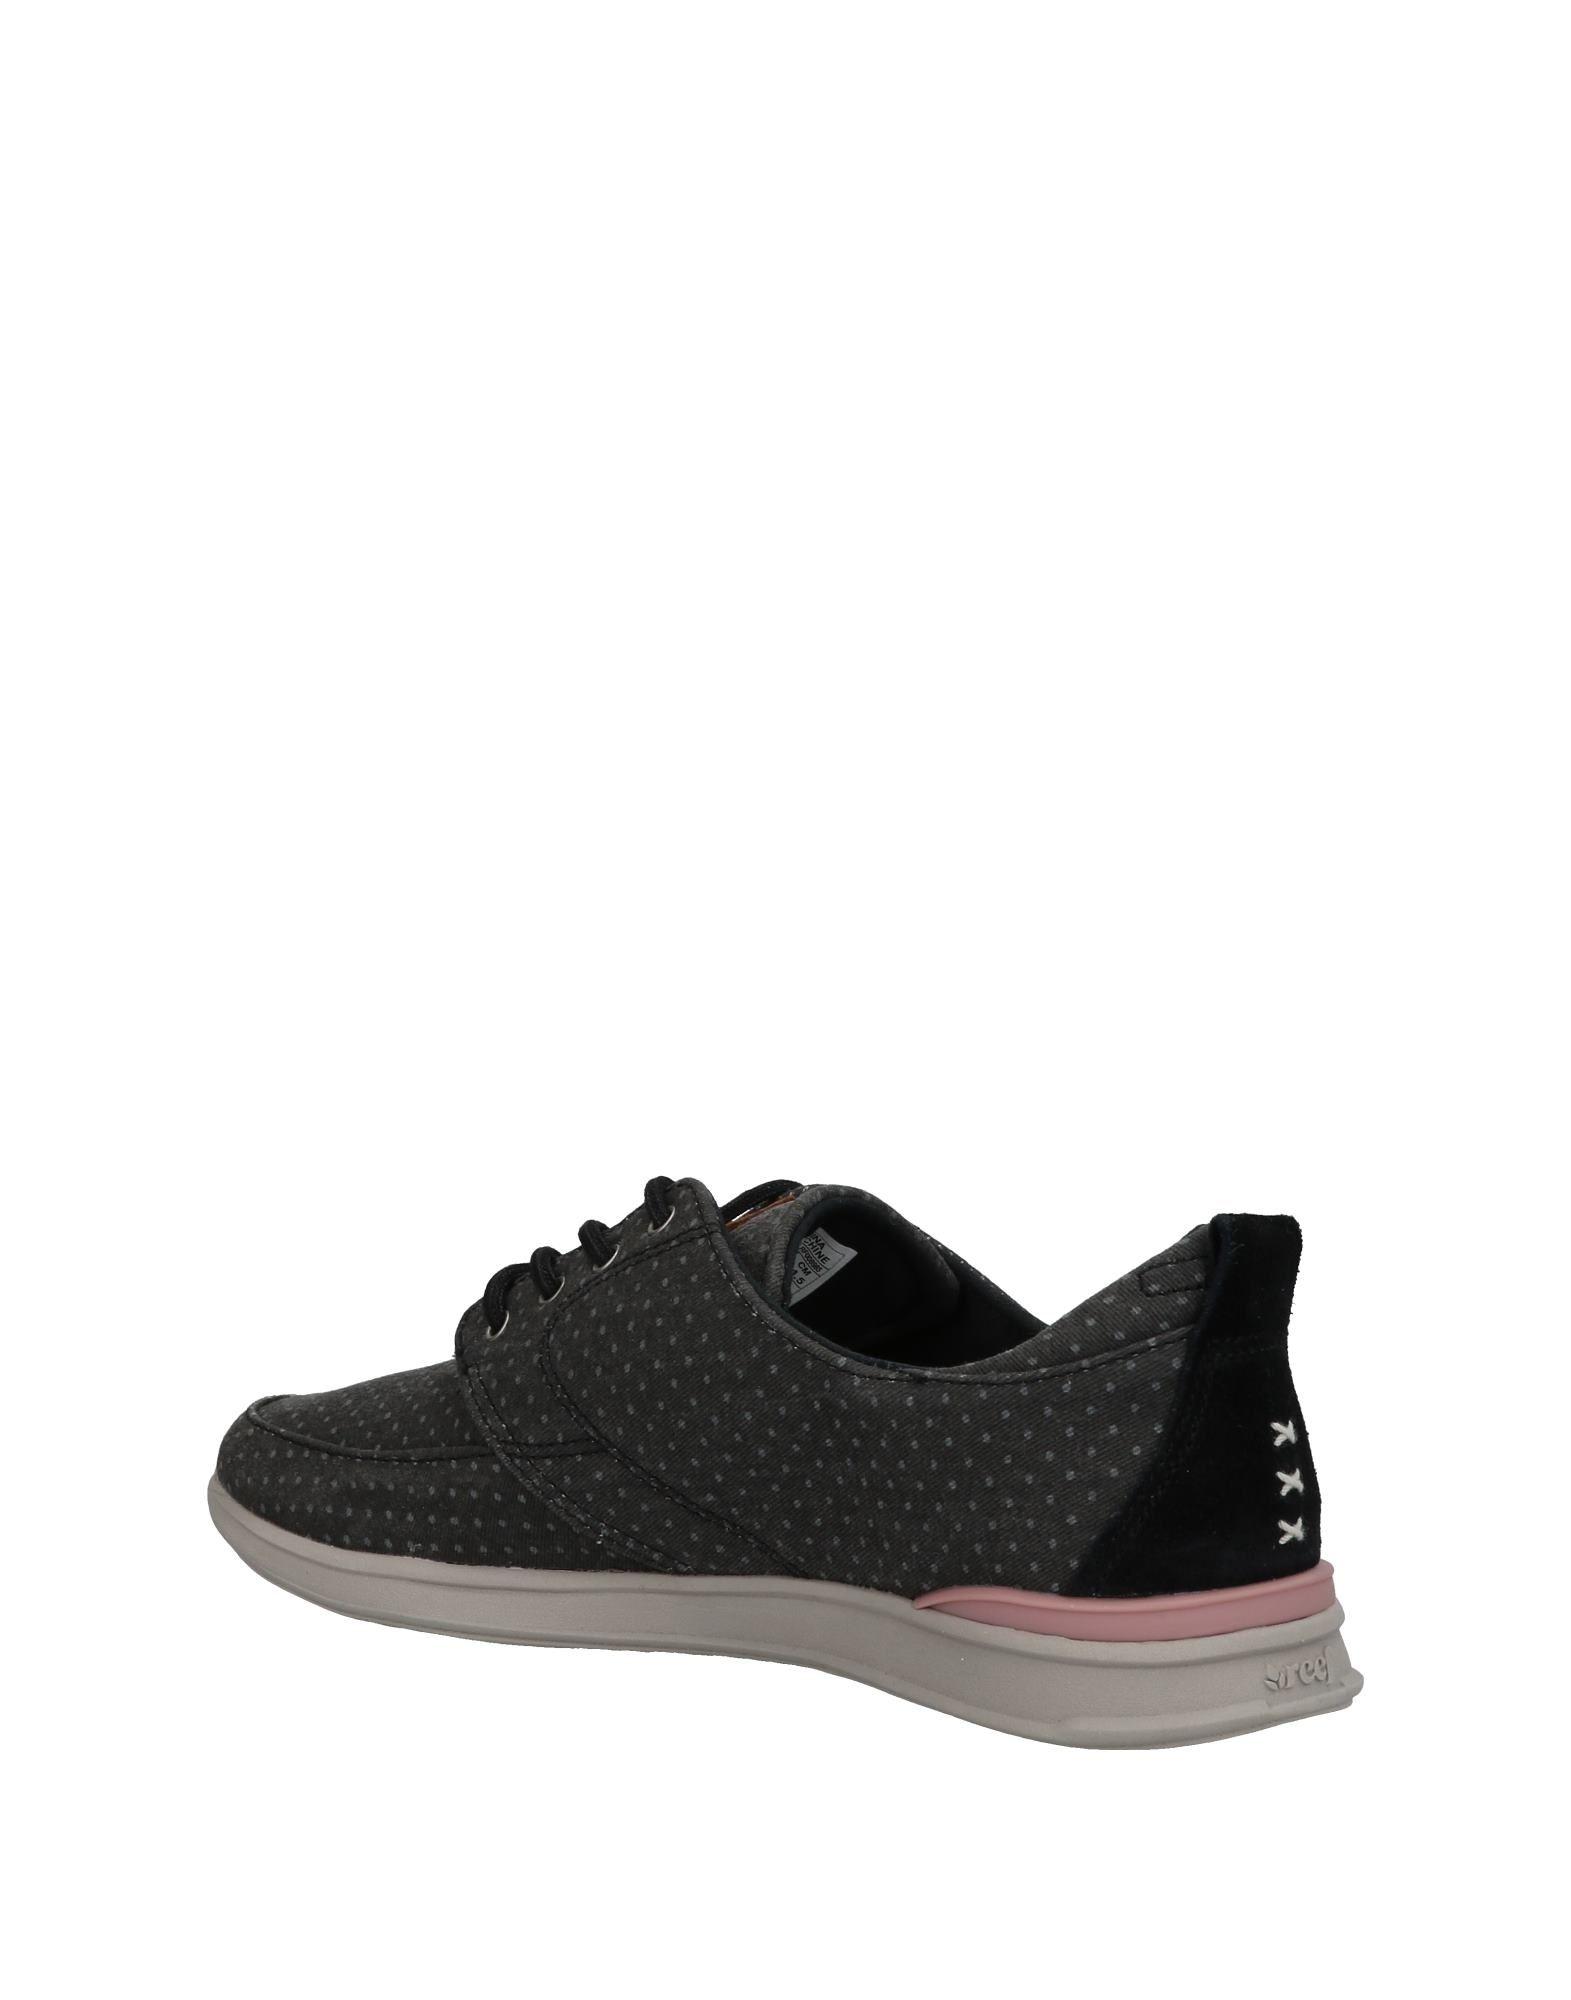 Reef Gute Sneakers Damen  11415448XN Gute Reef Qualität beliebte Schuhe 0e9a7e